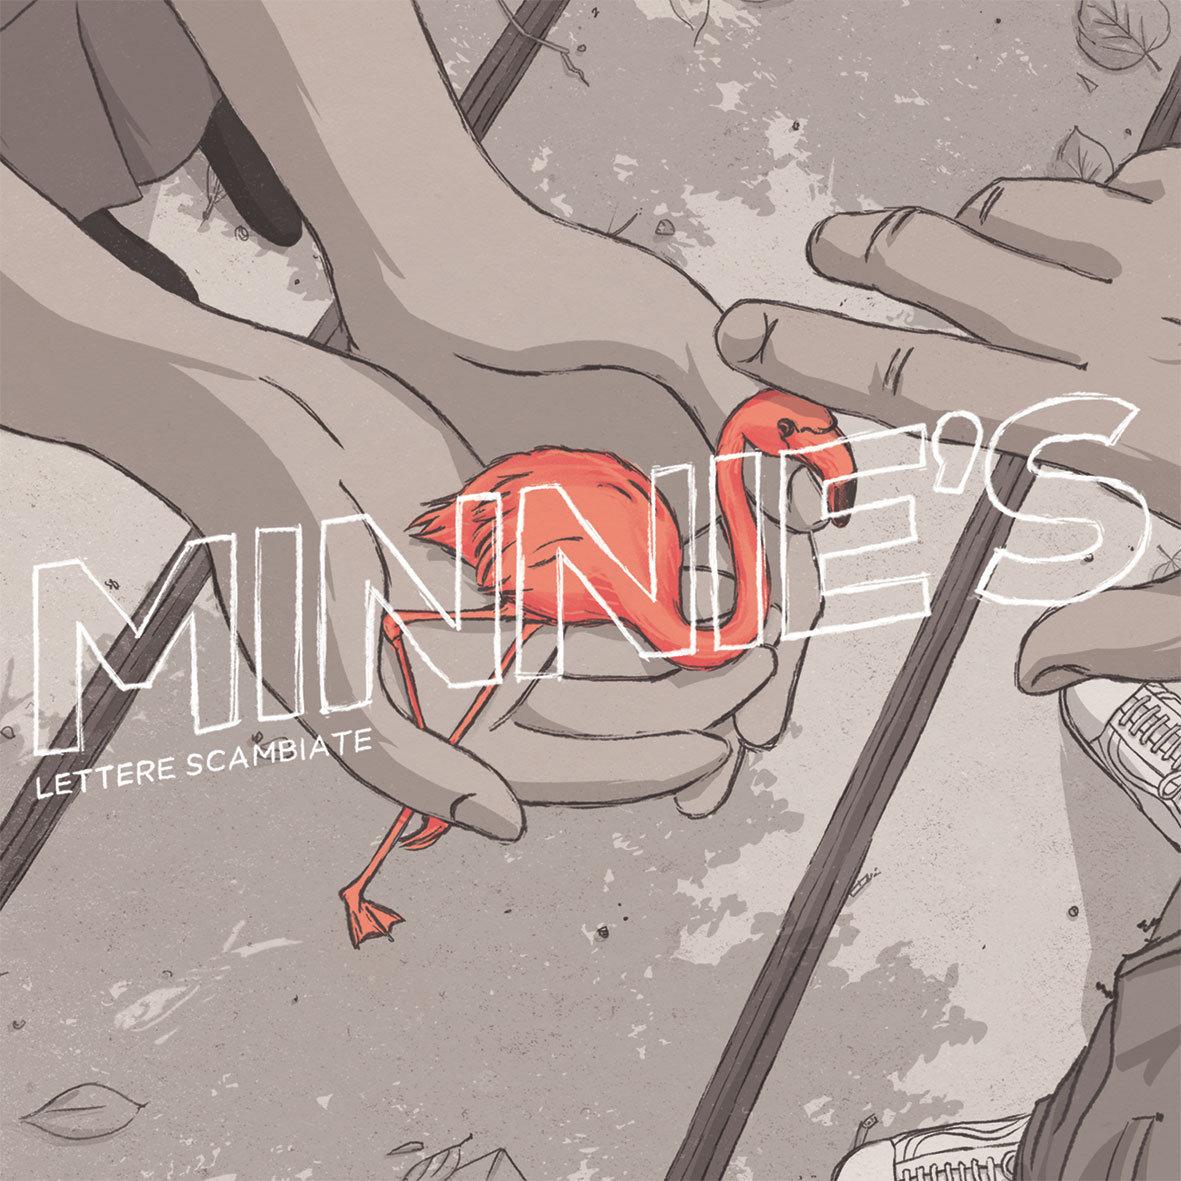 Minnie's - Lettere Scambiate / Disco Raccontato